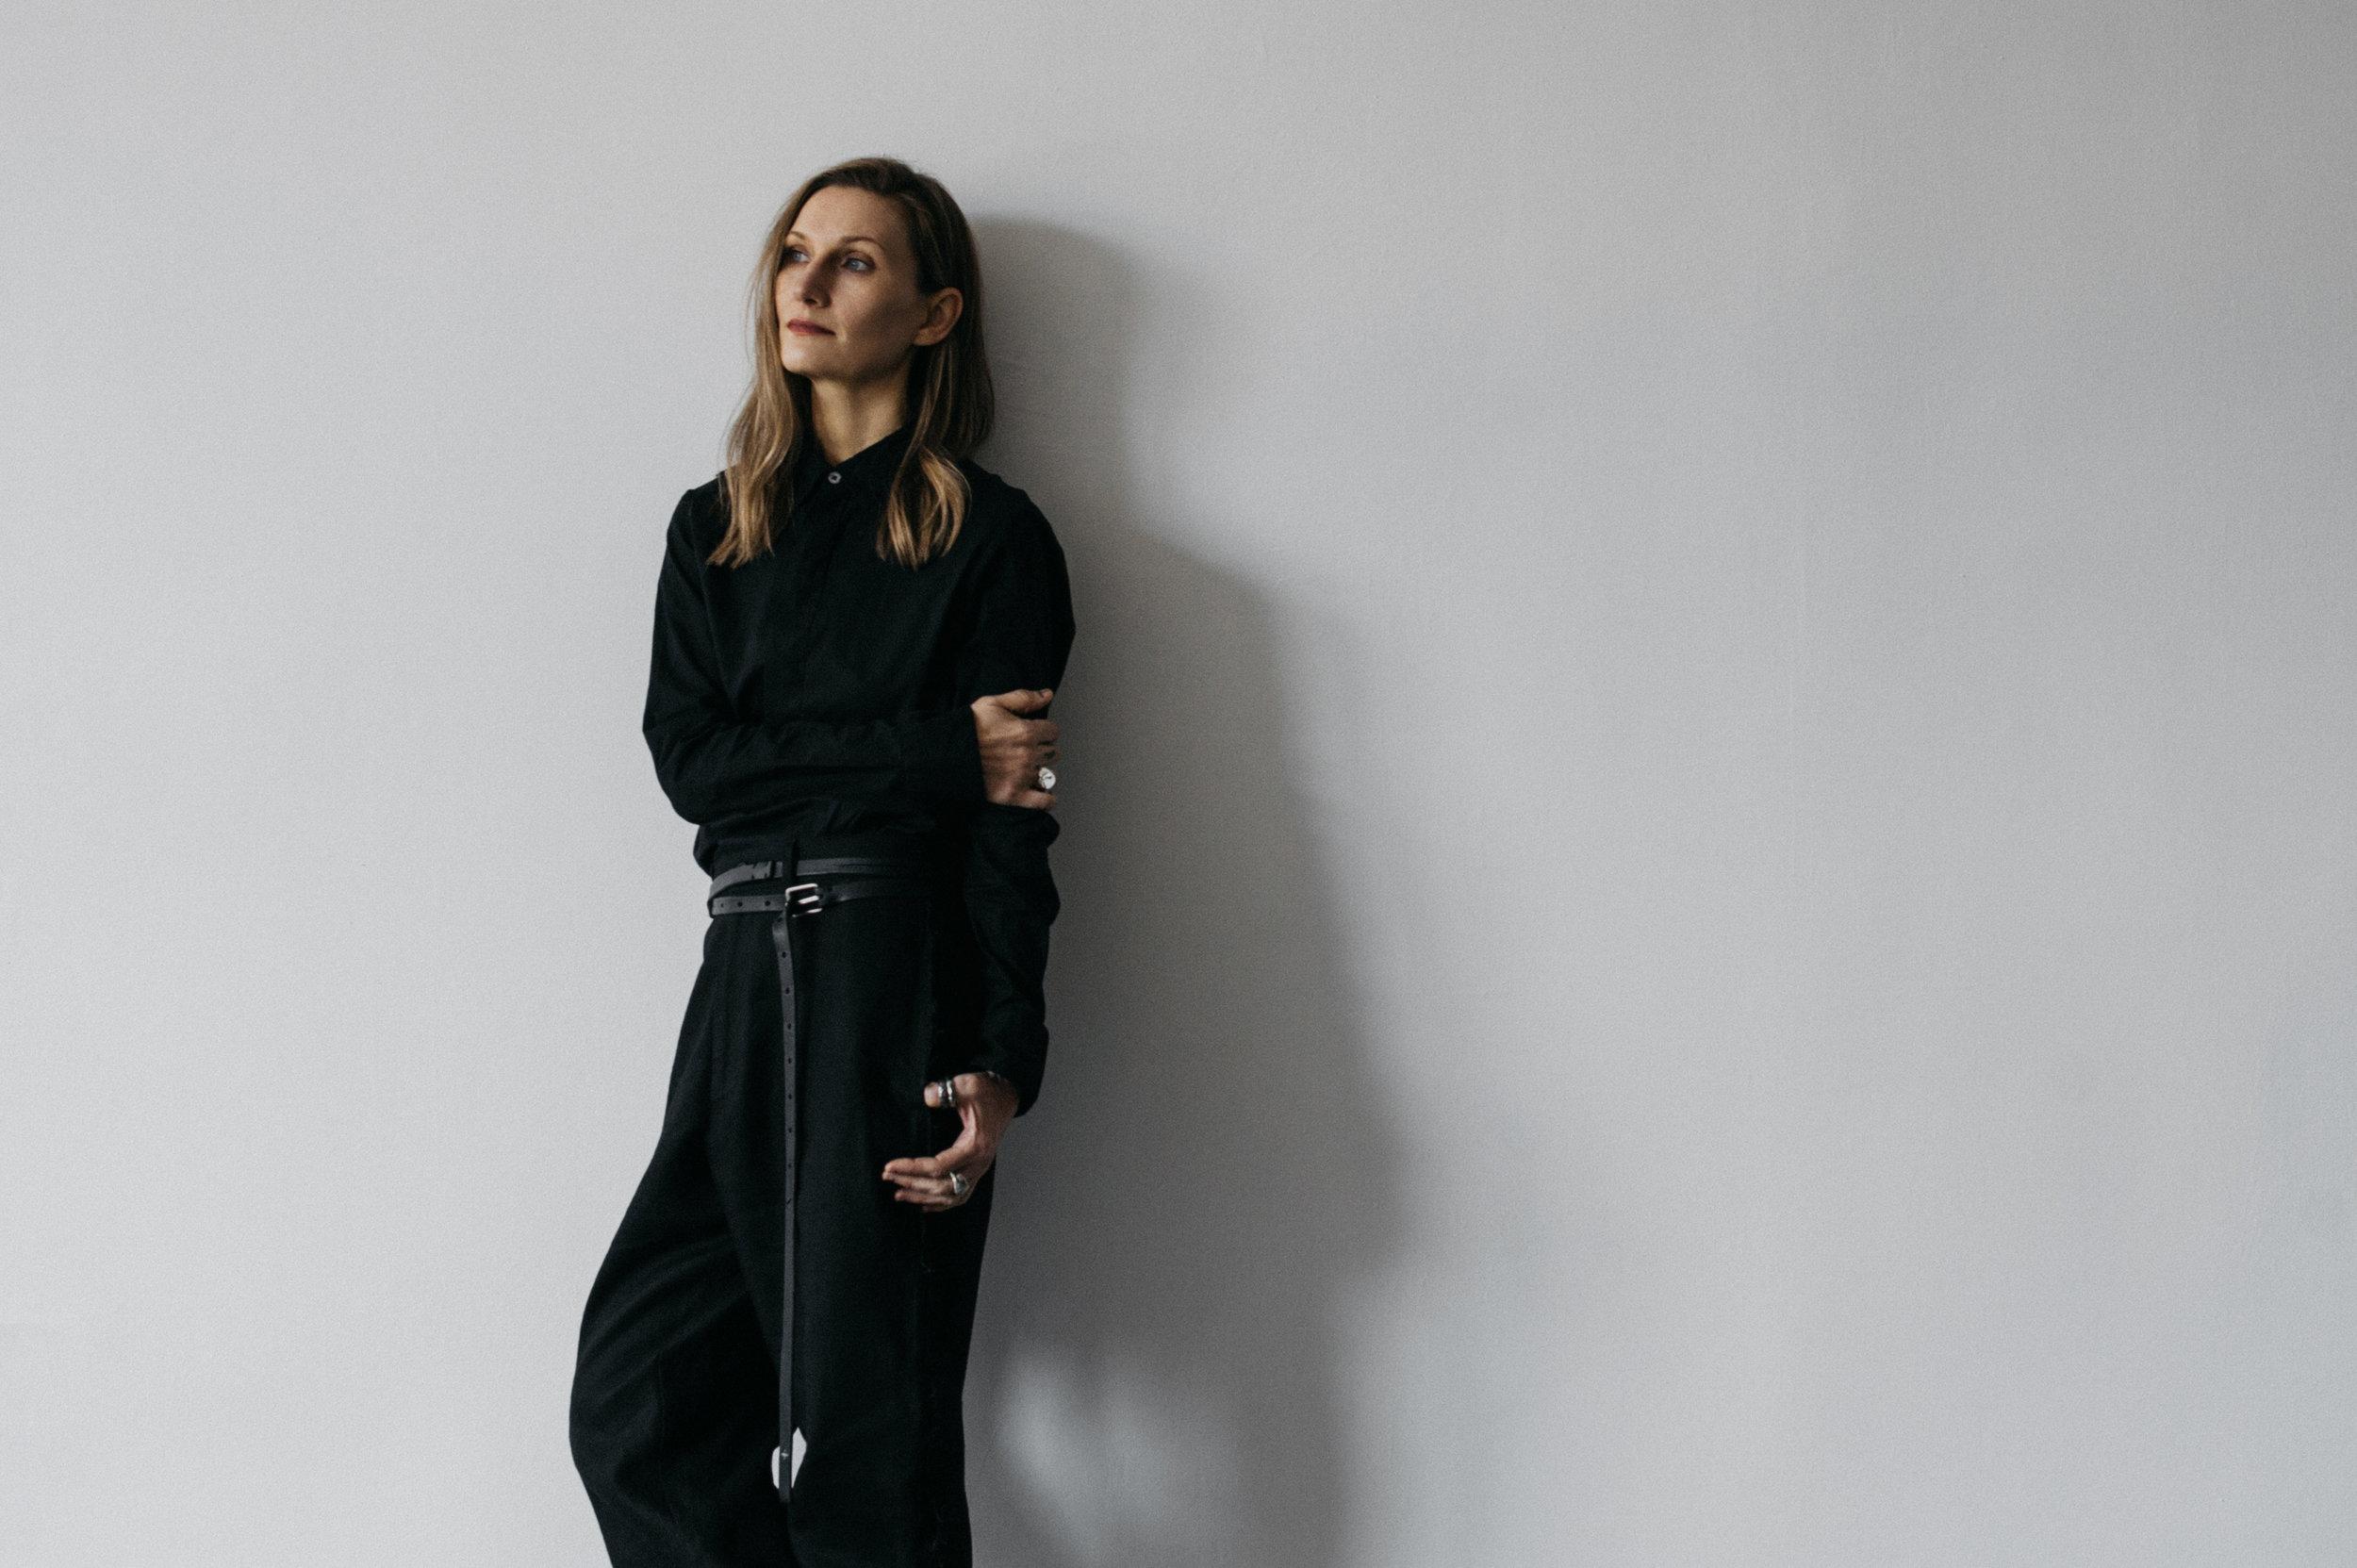 Shirt - Ann Demeulemeester  Pants - Dsecond  Belt - M.A+  Jewelries - Kei Shigenaga